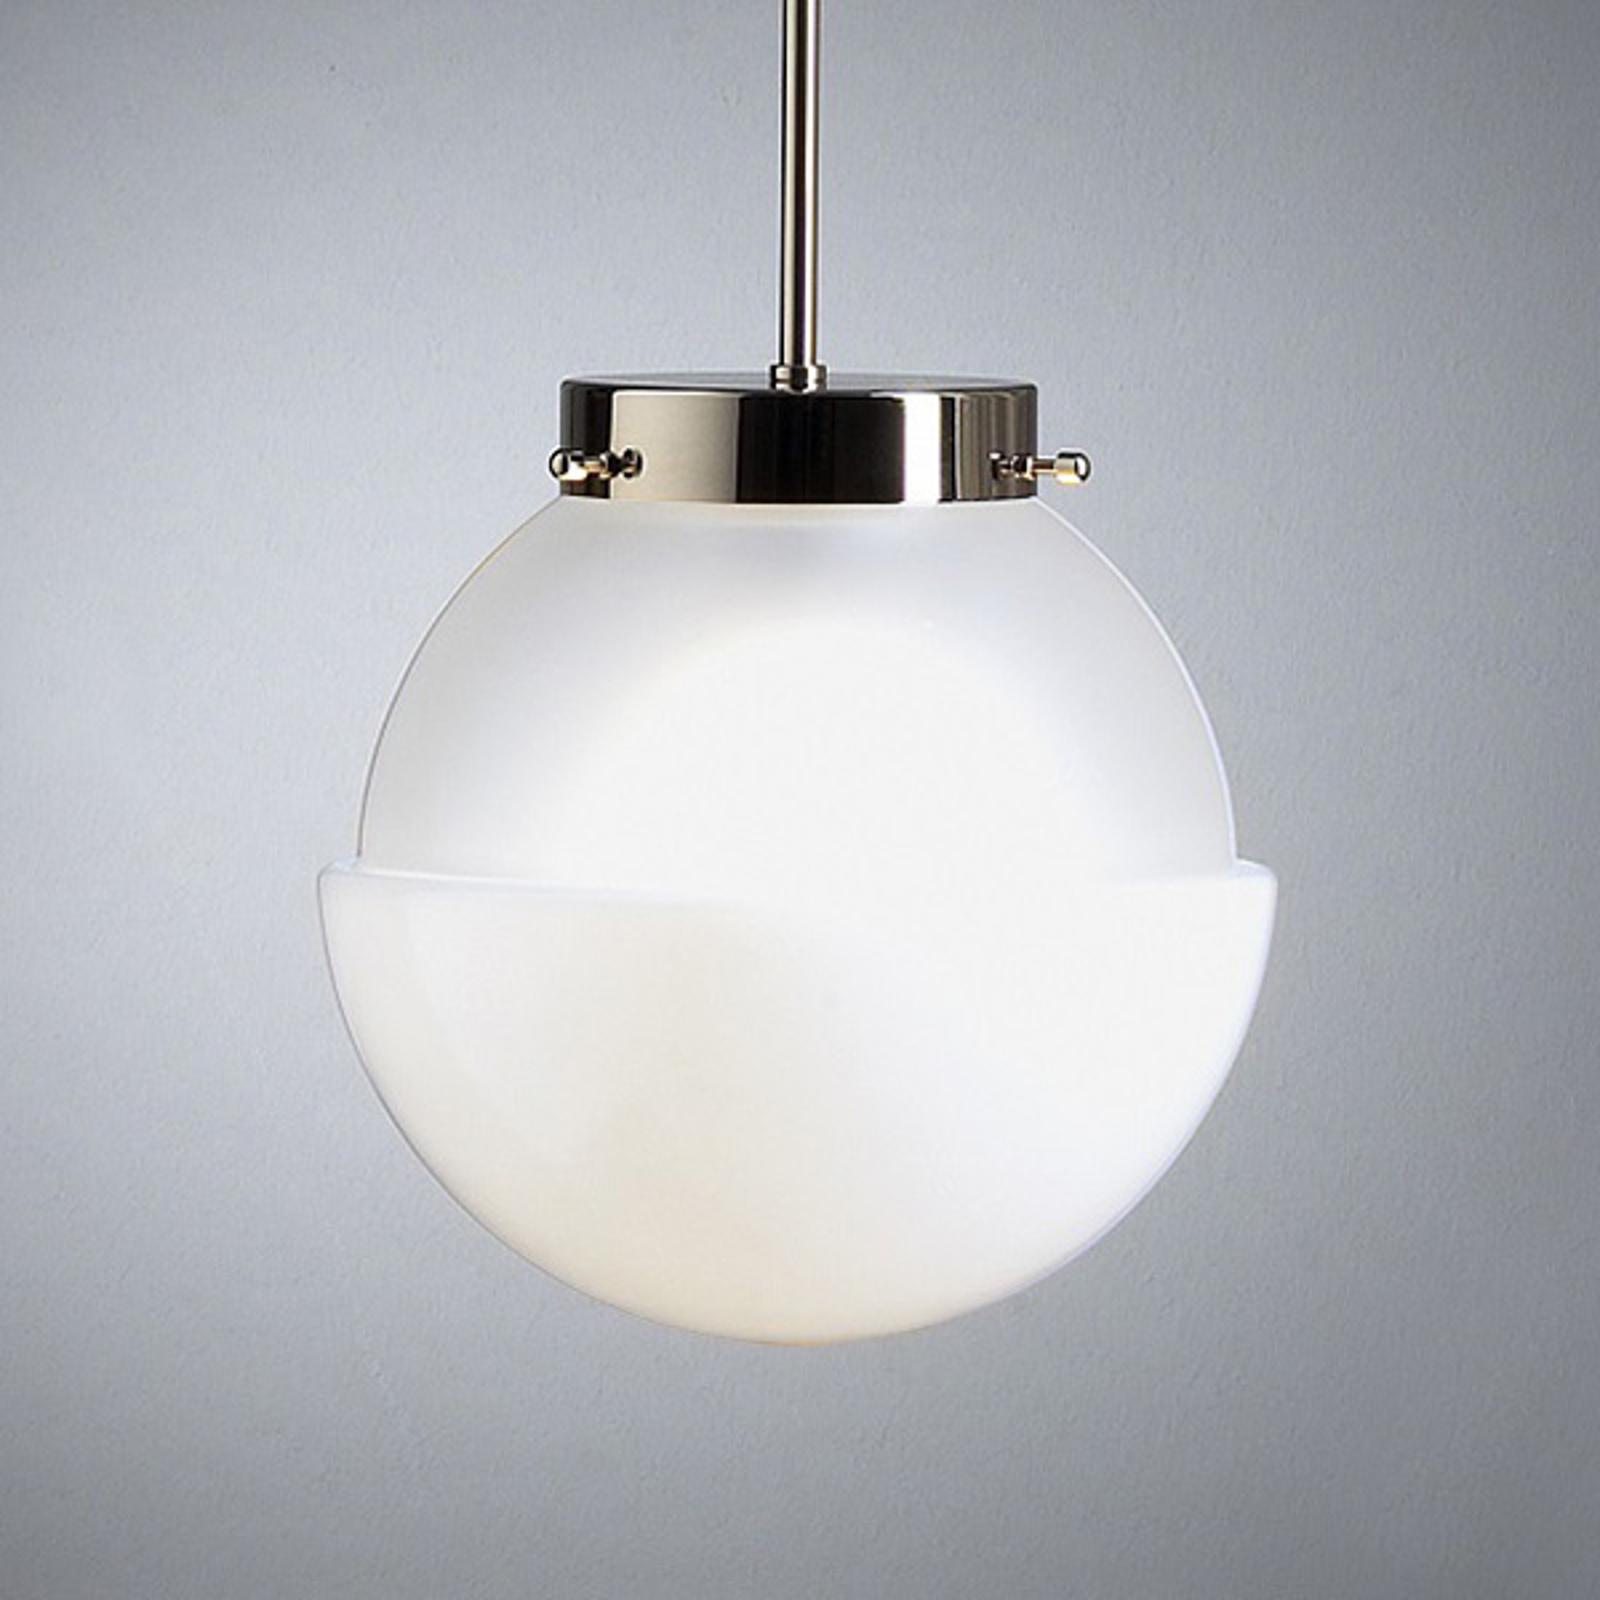 TECNOLUMEN HMB 29 - lampa wisząca szkło opalowe